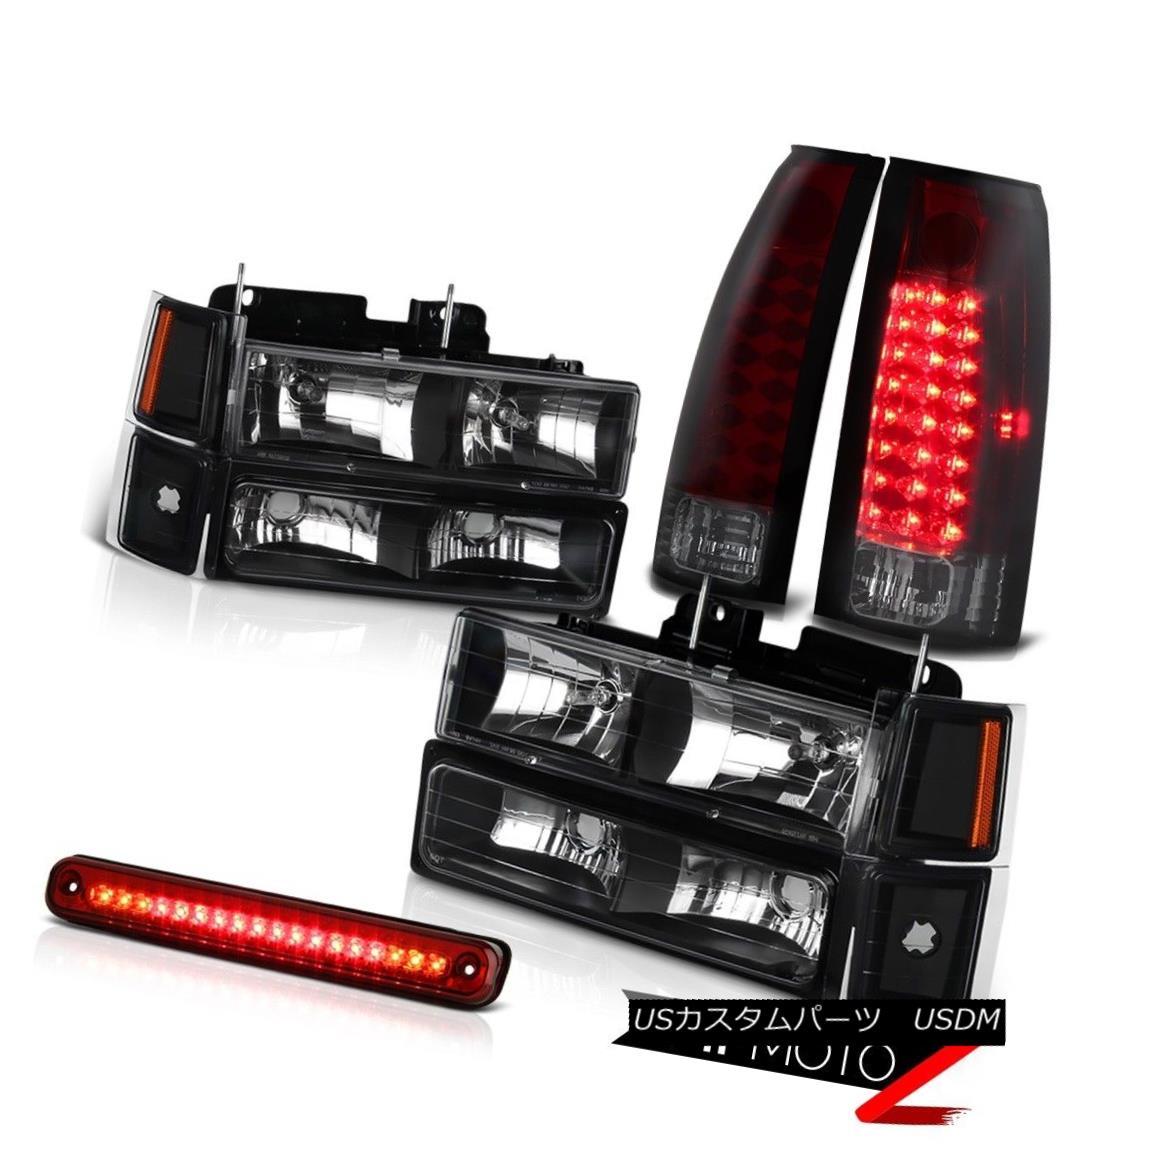 ヘッドライト Corner+Bumper Lamp+3RD Brake+Taillights+Headlight LED Red Smoke Chevy CK Trucks コーナー+バンパーランプ+ 3RDブレーキ+ Tailligh  ts +ヘッドライトLEDレッドスモークシボレーCKトラック